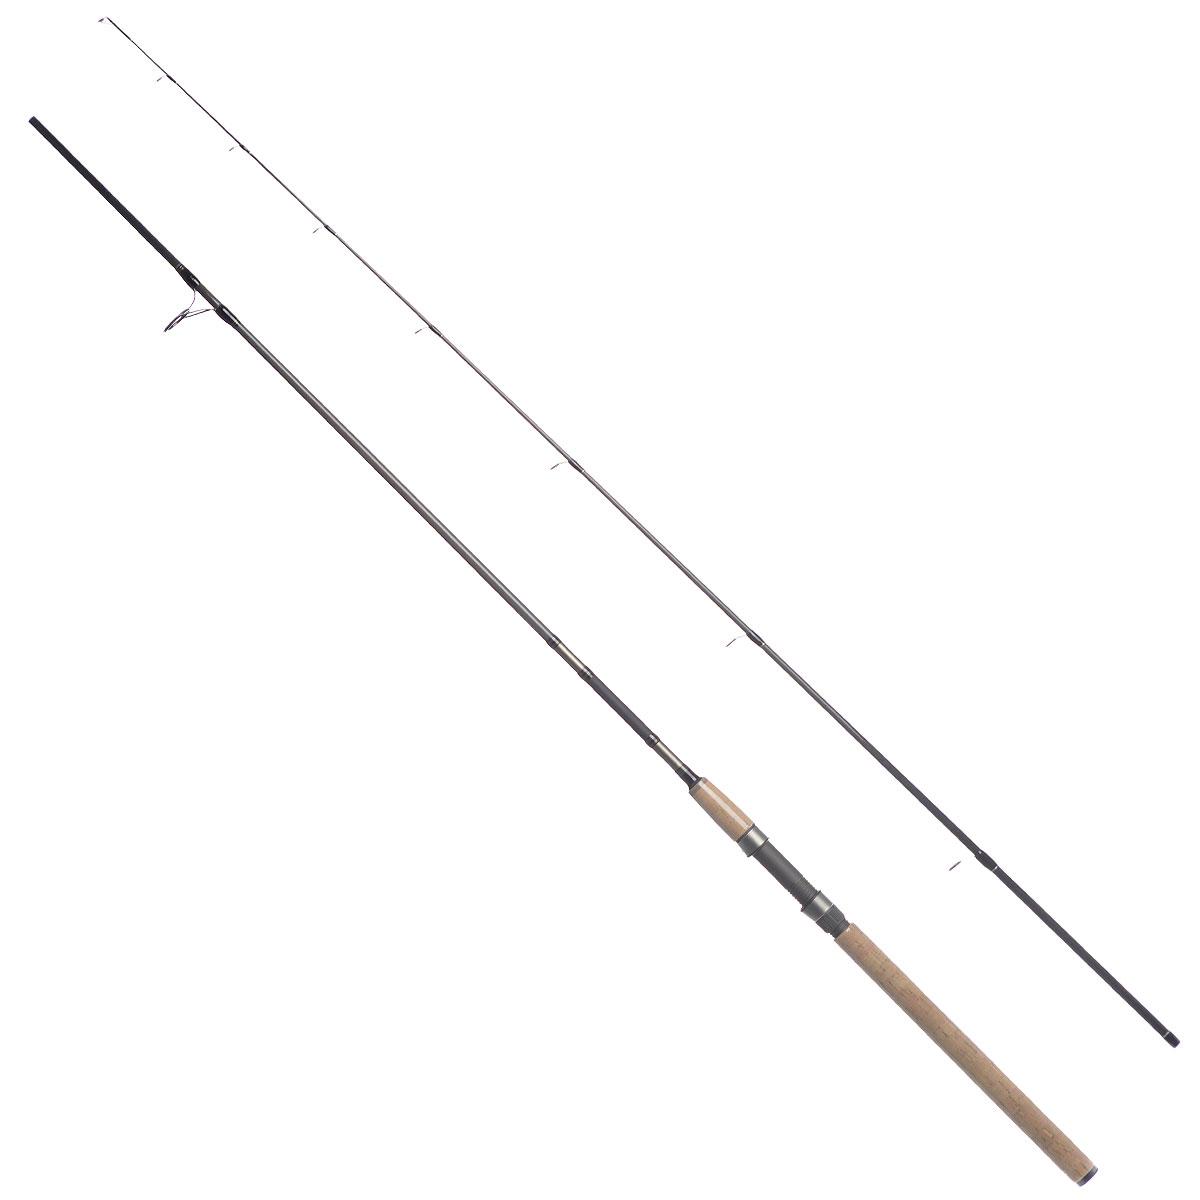 Спиннинг штекерный Daiwa Exceler-RU, 2,59 м, 10-40 г удилище daiwa exceler ru 902mhfs 2 74m